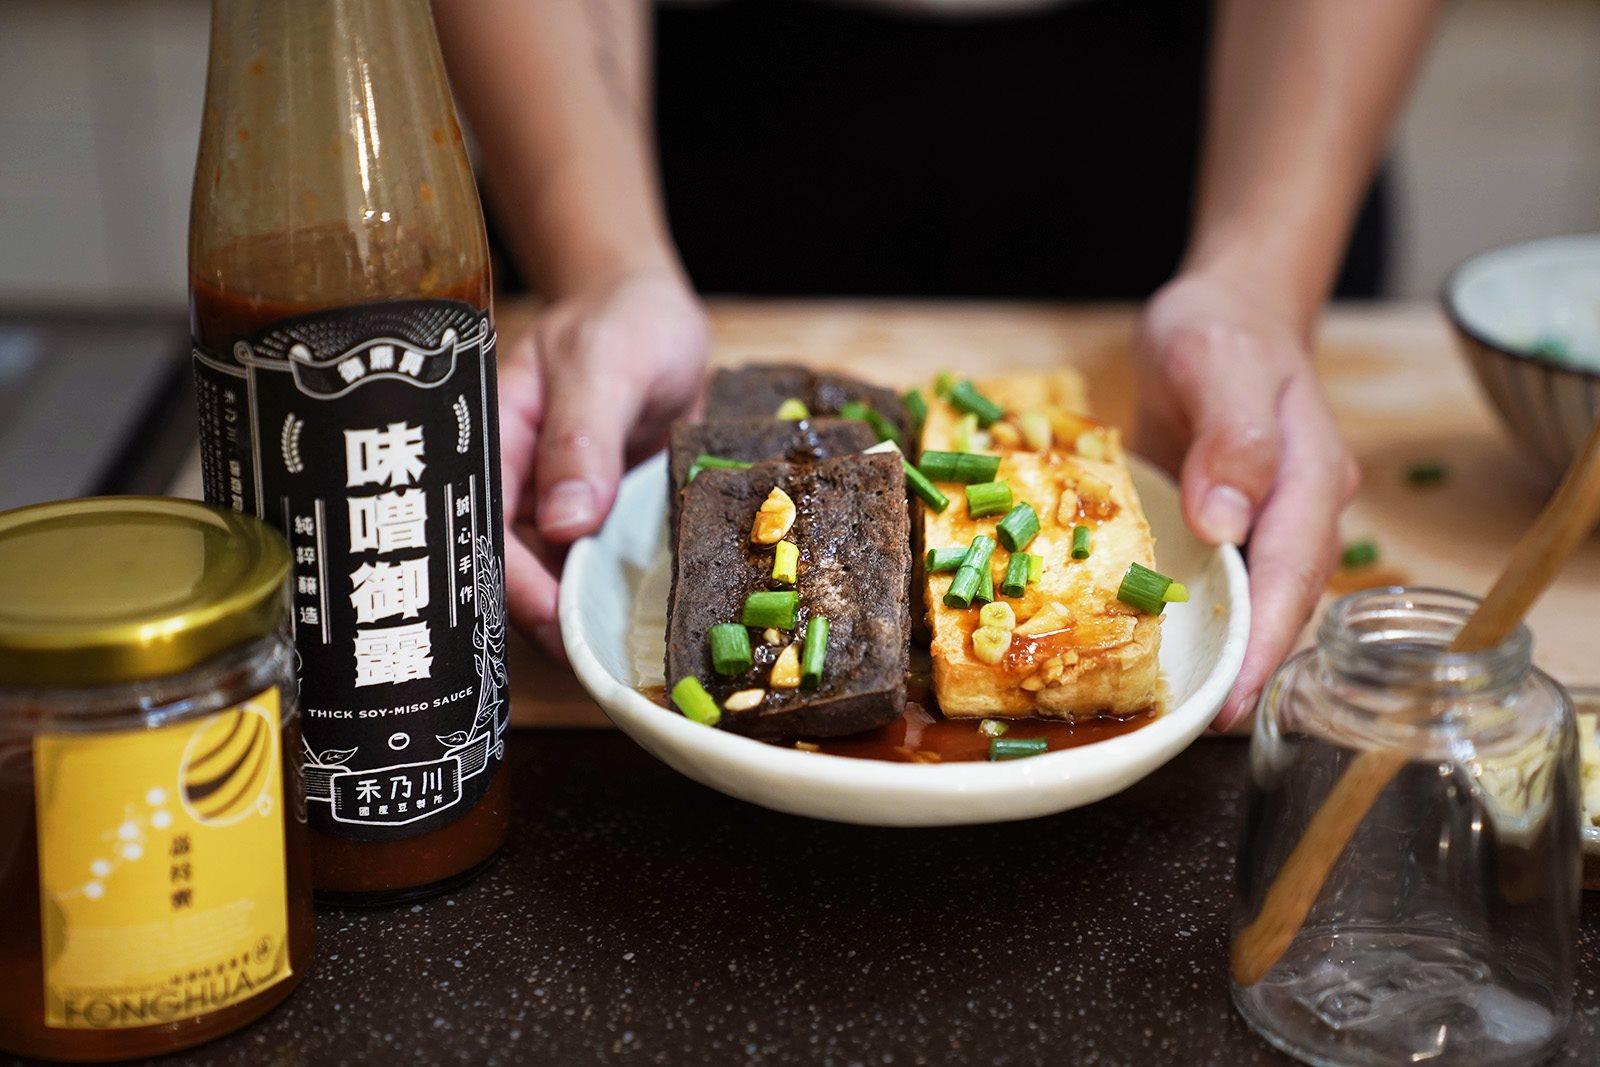 香煎豆腐佐味噌御露蜂蜜醬,快速上桌的美味料理 | 禾乃川小廚房